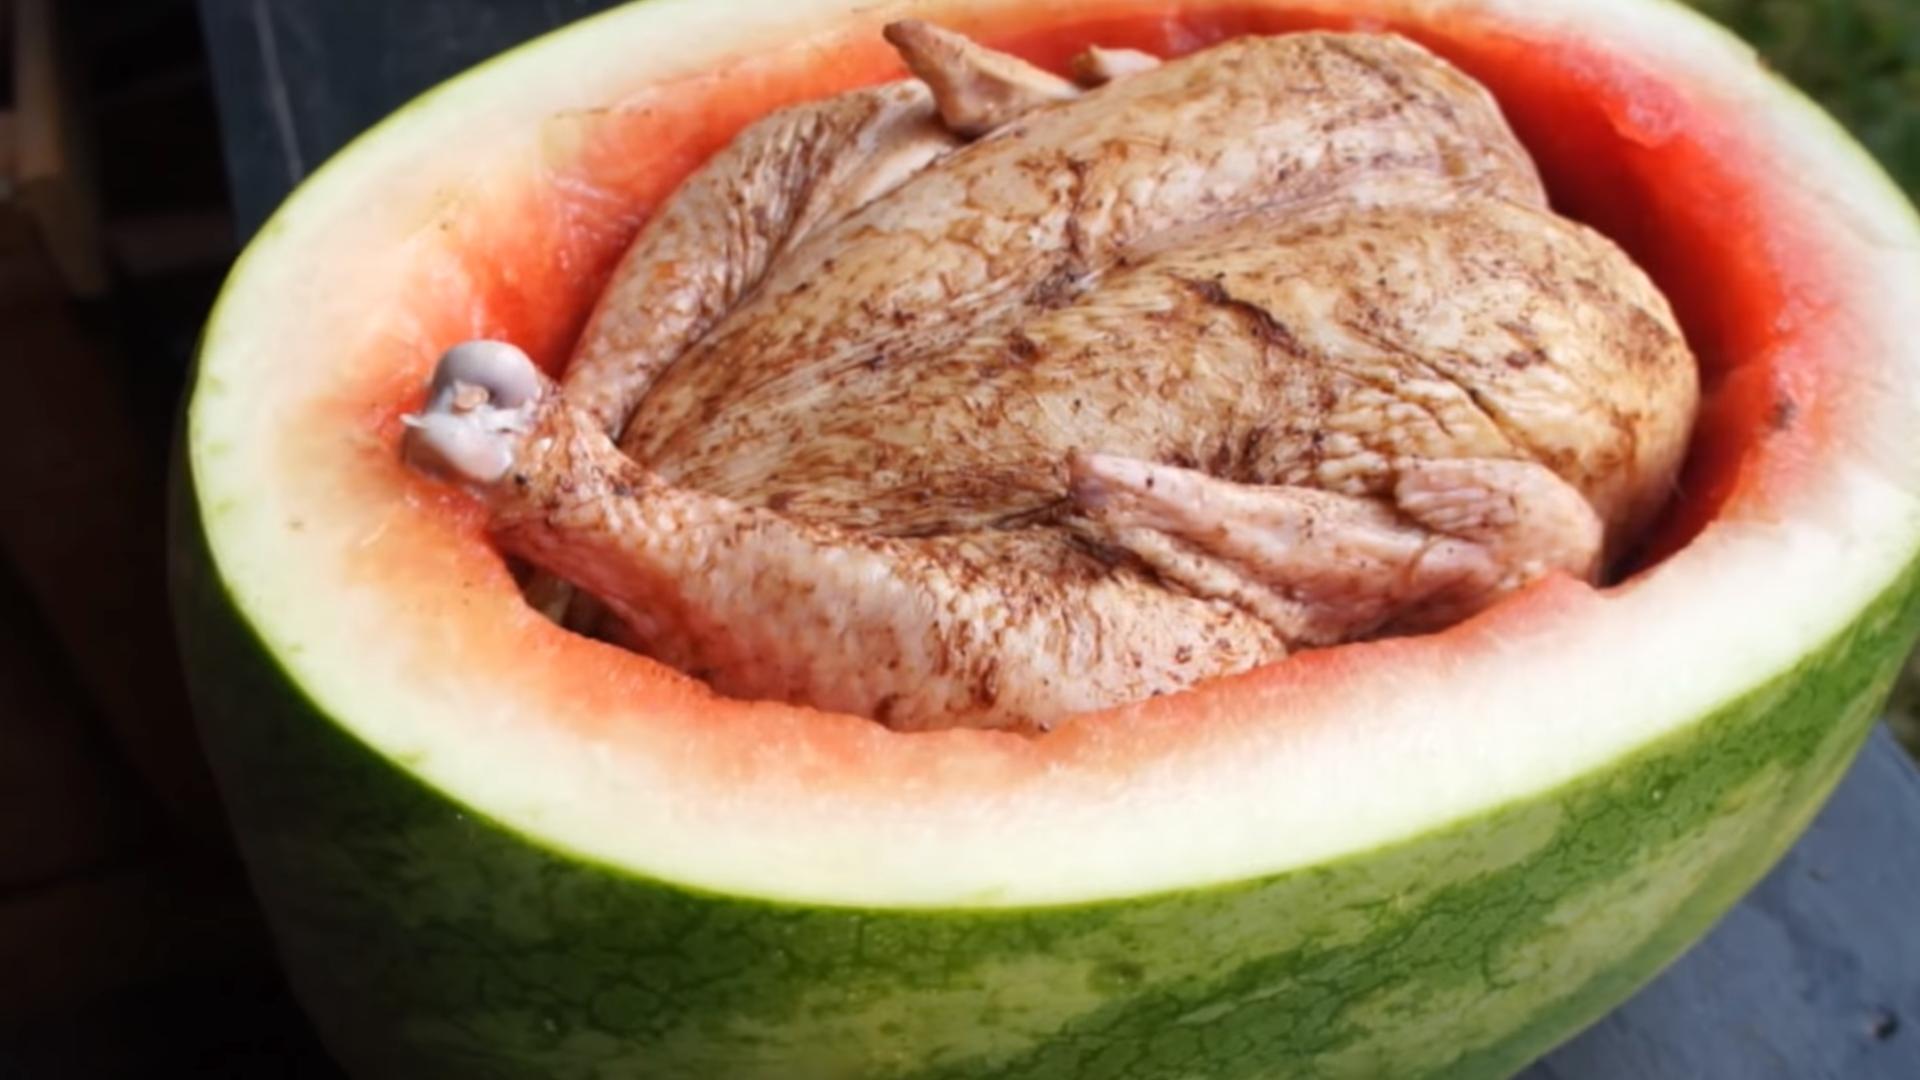 Ispecite pile u lubenici: Takvo nešto još sigurno niste probali